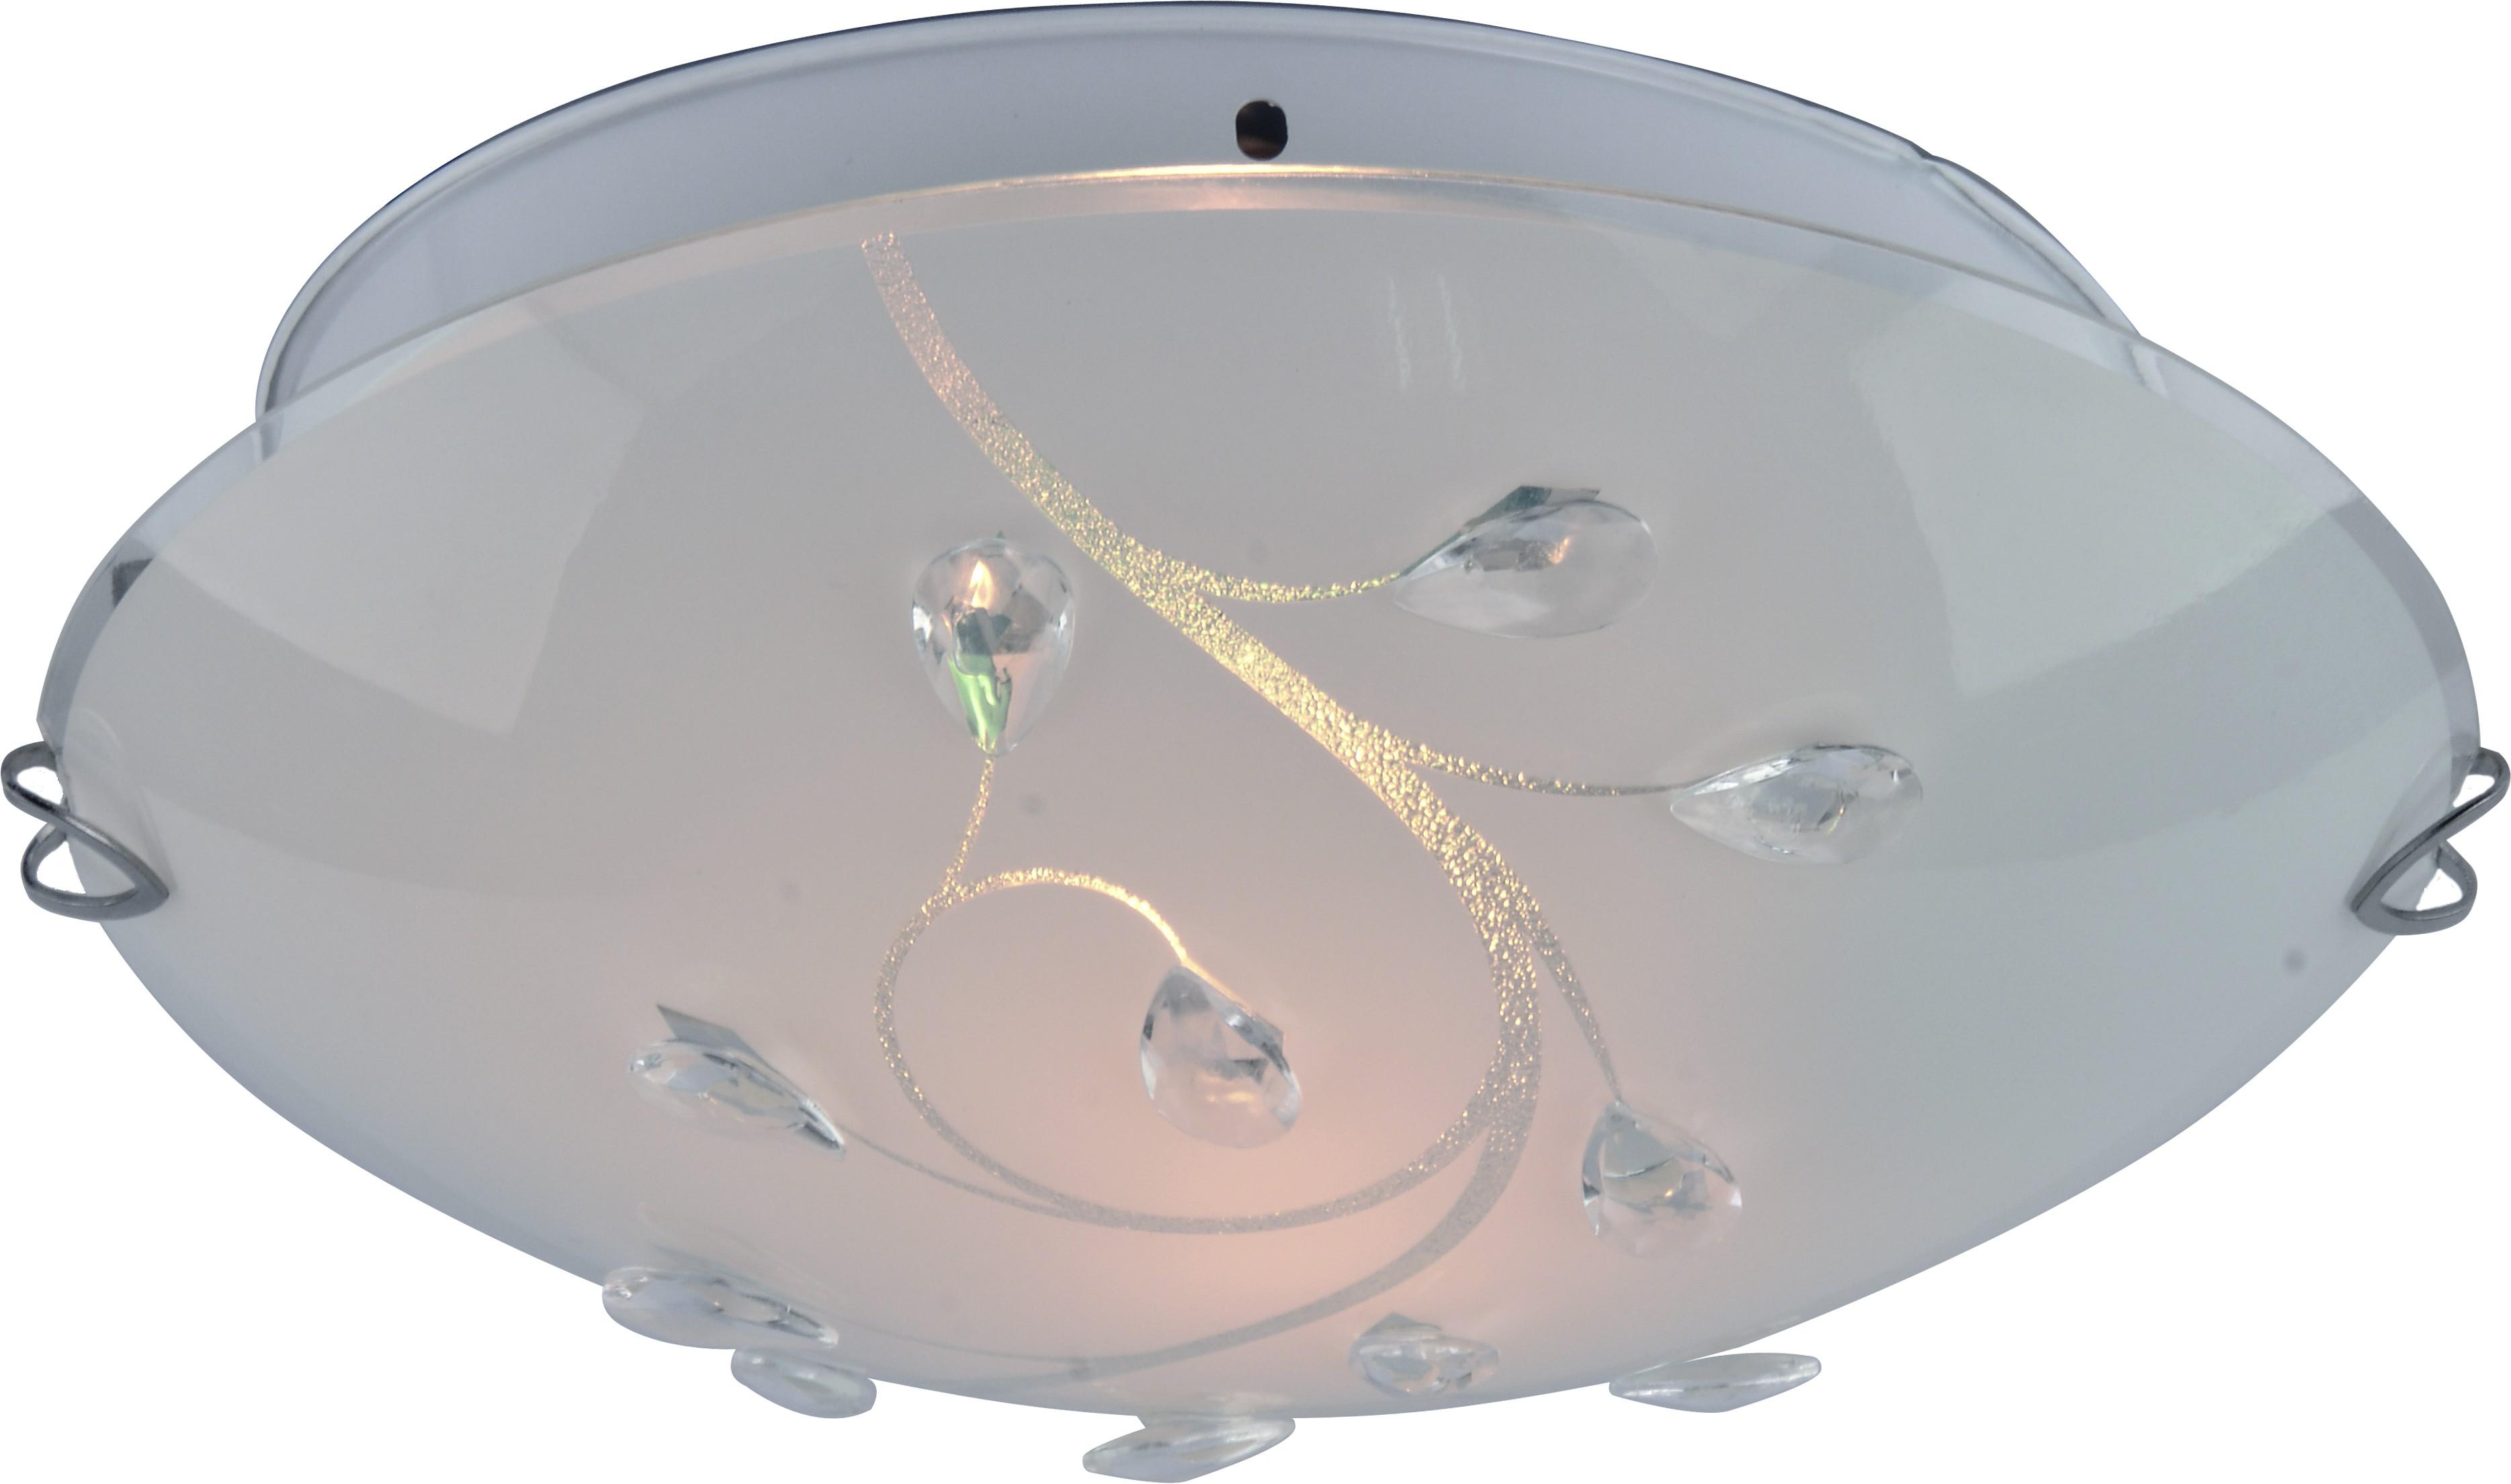 Светильник настенно-потолочный Arte lamp A4040pl-2cc светильник настенно потолочный arte lamp jasmine a4040pl 2cc 2x60вт e27 хром